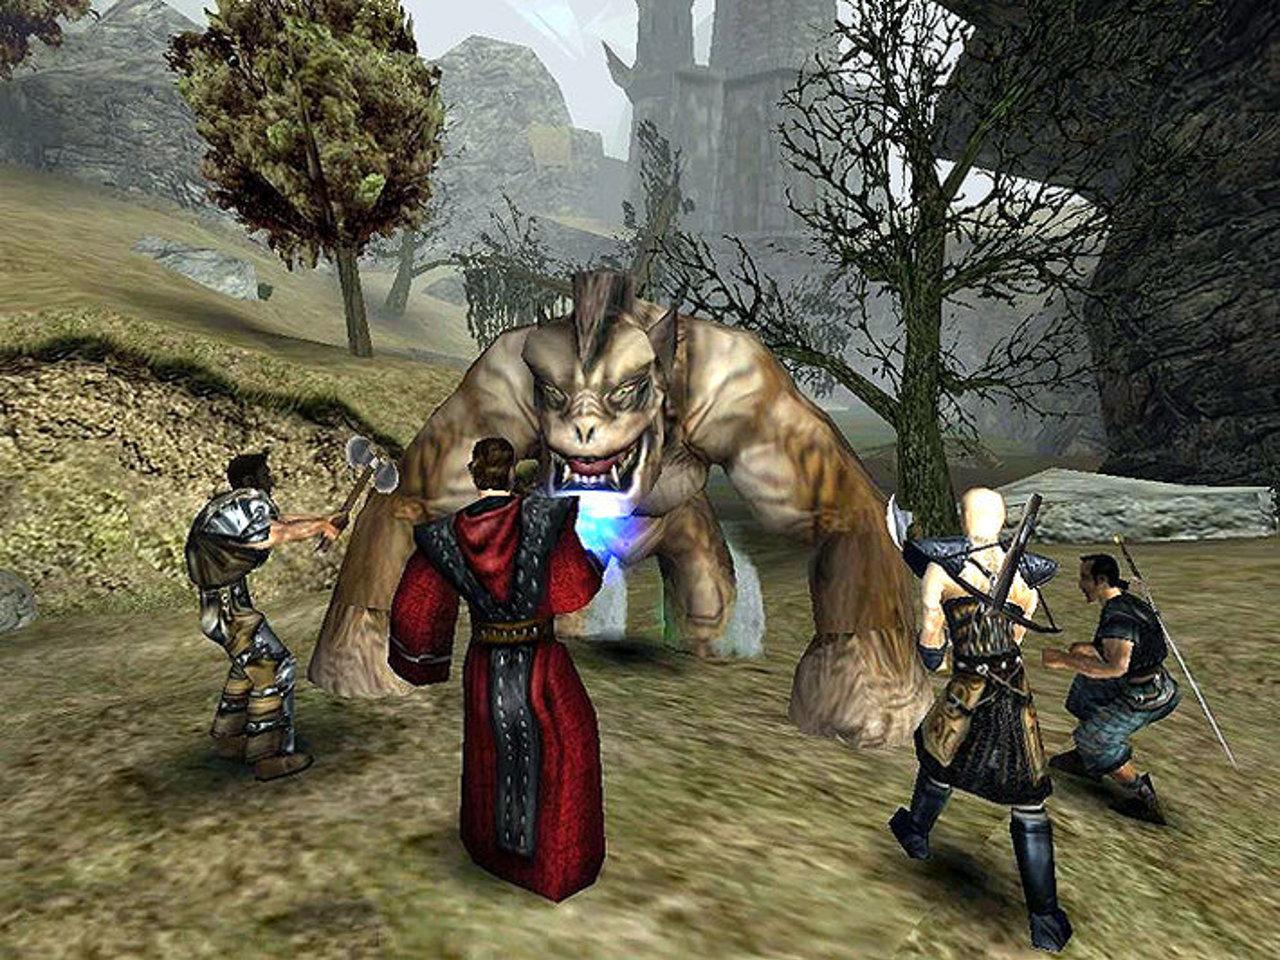 Gefährlichere Gebiete im Spiel sind nicht durch künstliche Grenzen abgesteckt - sondern durch riesige Monster wie diesen Troll. (Bild: Piranha Bytes)